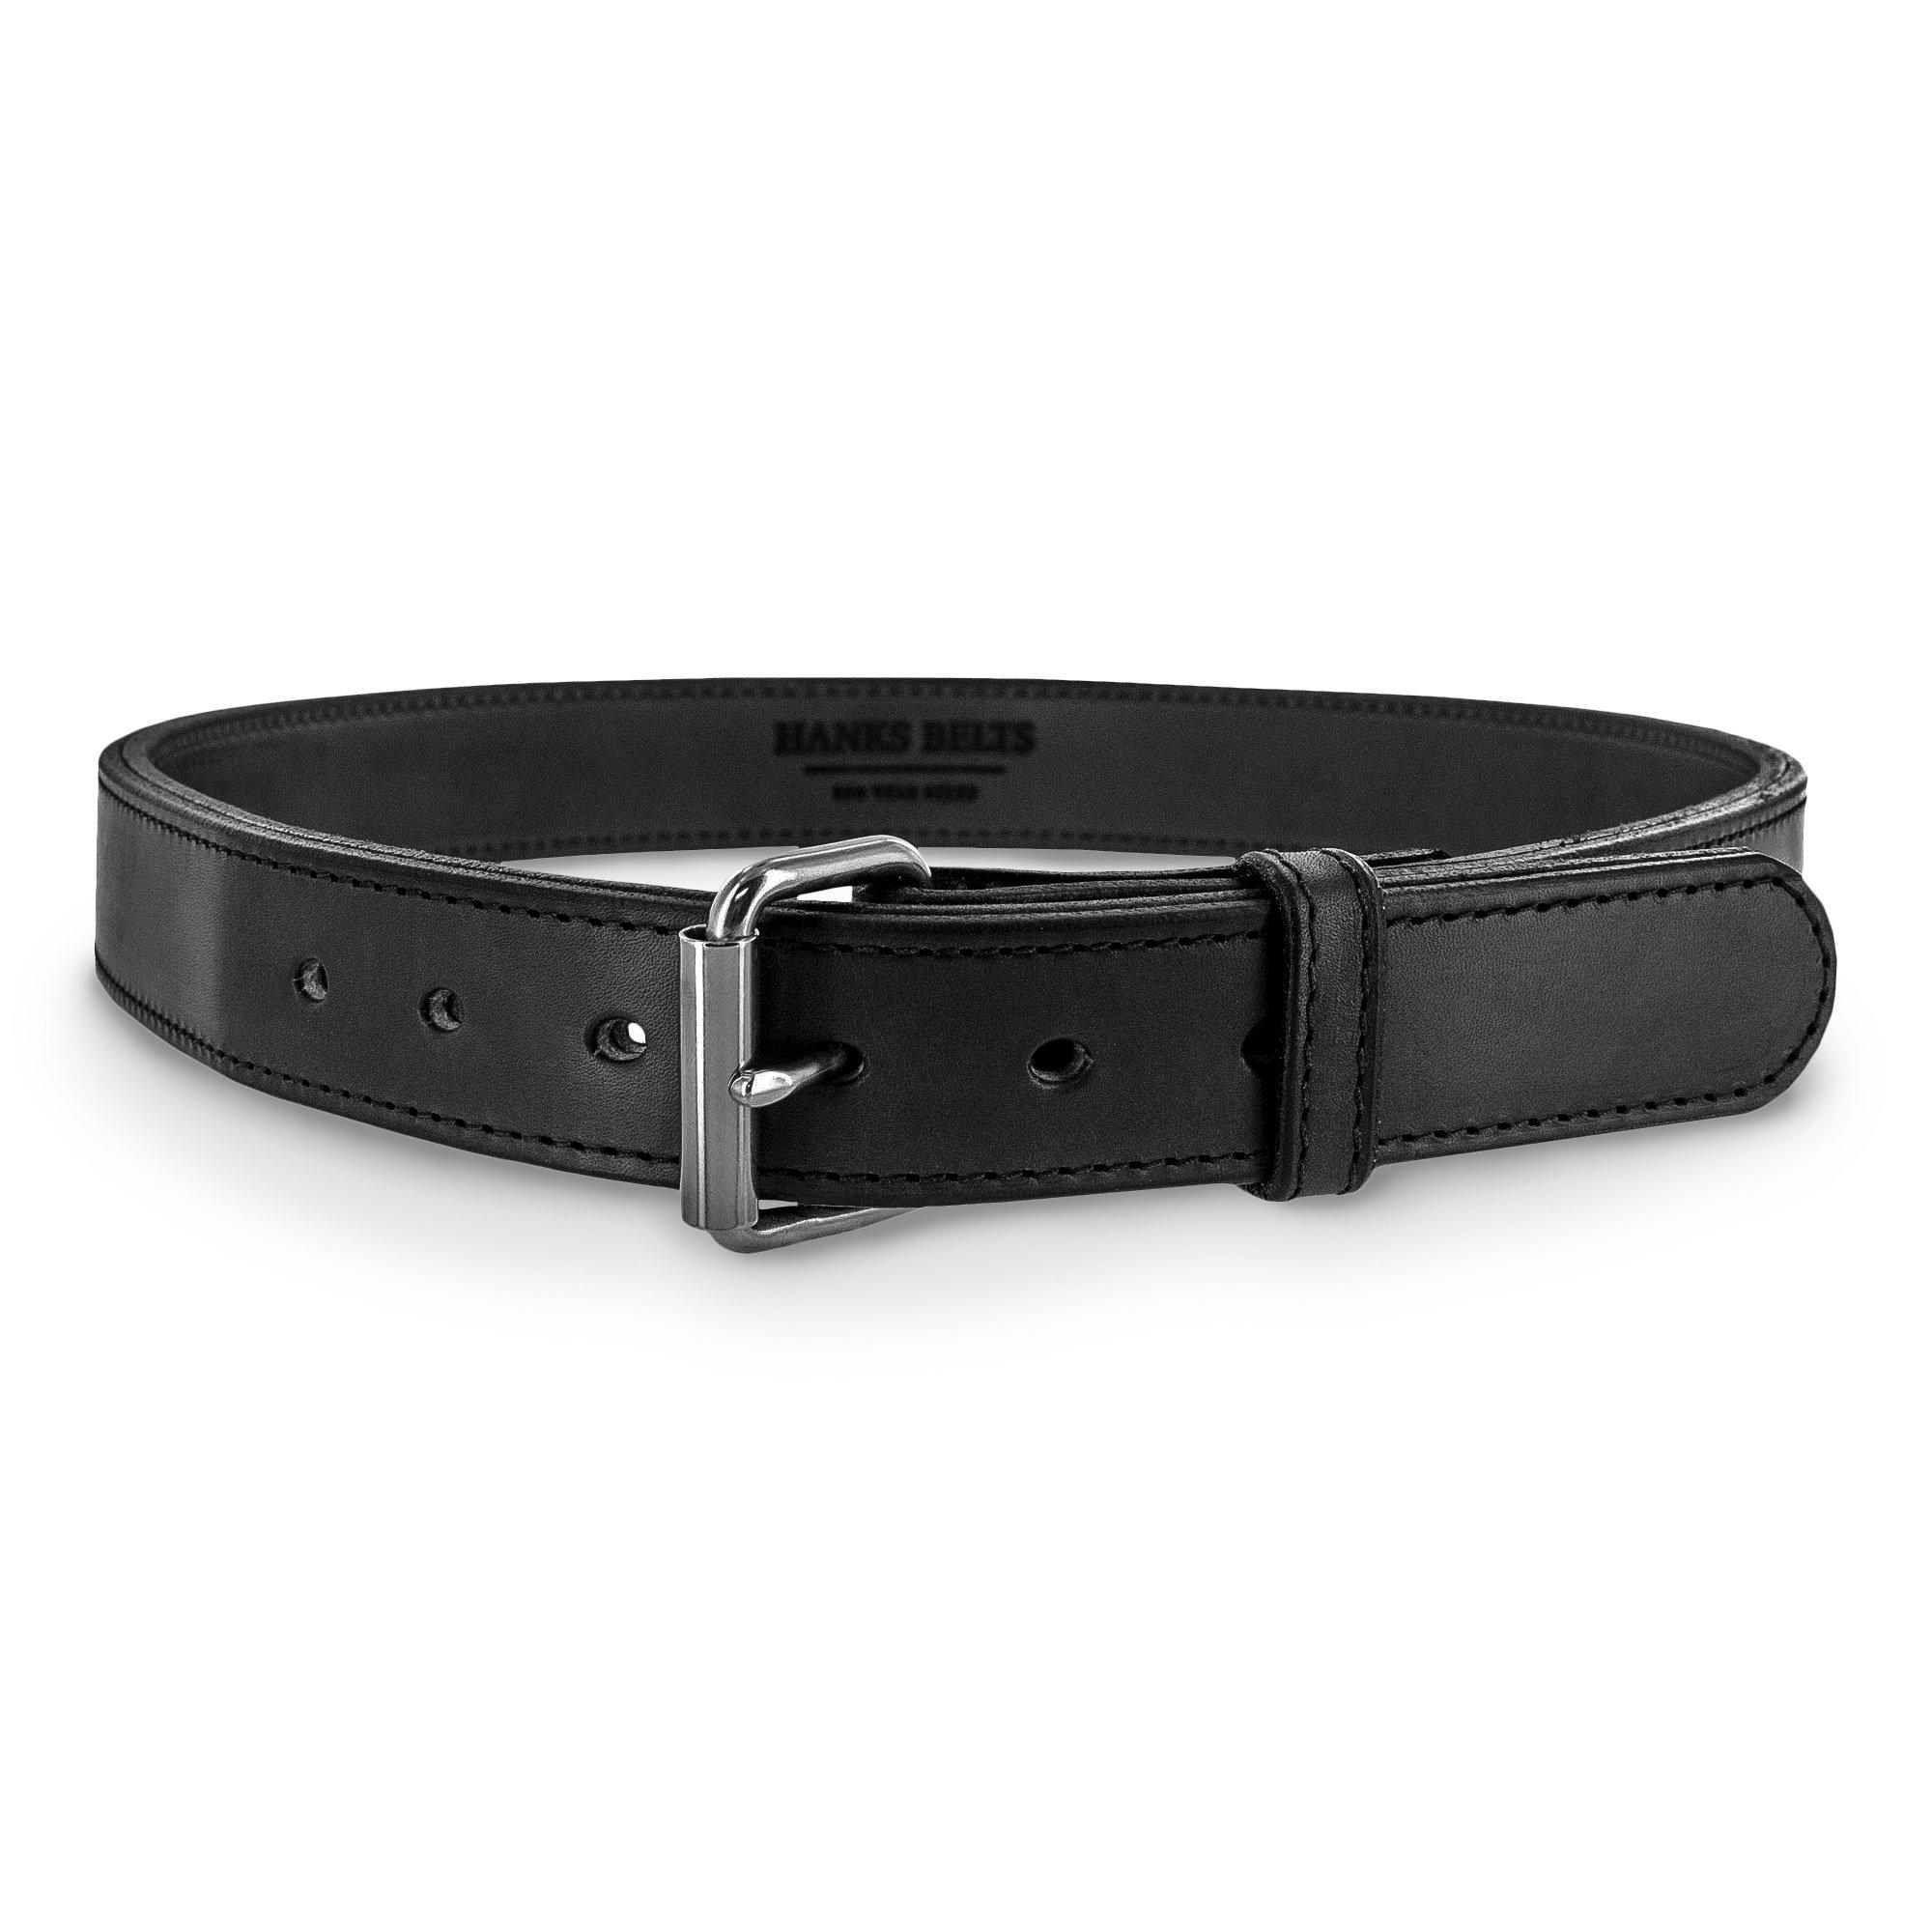 Hanks ACH104 Steel Core Belt - 1.5'' - Black - Size 52 by Hanks Belts